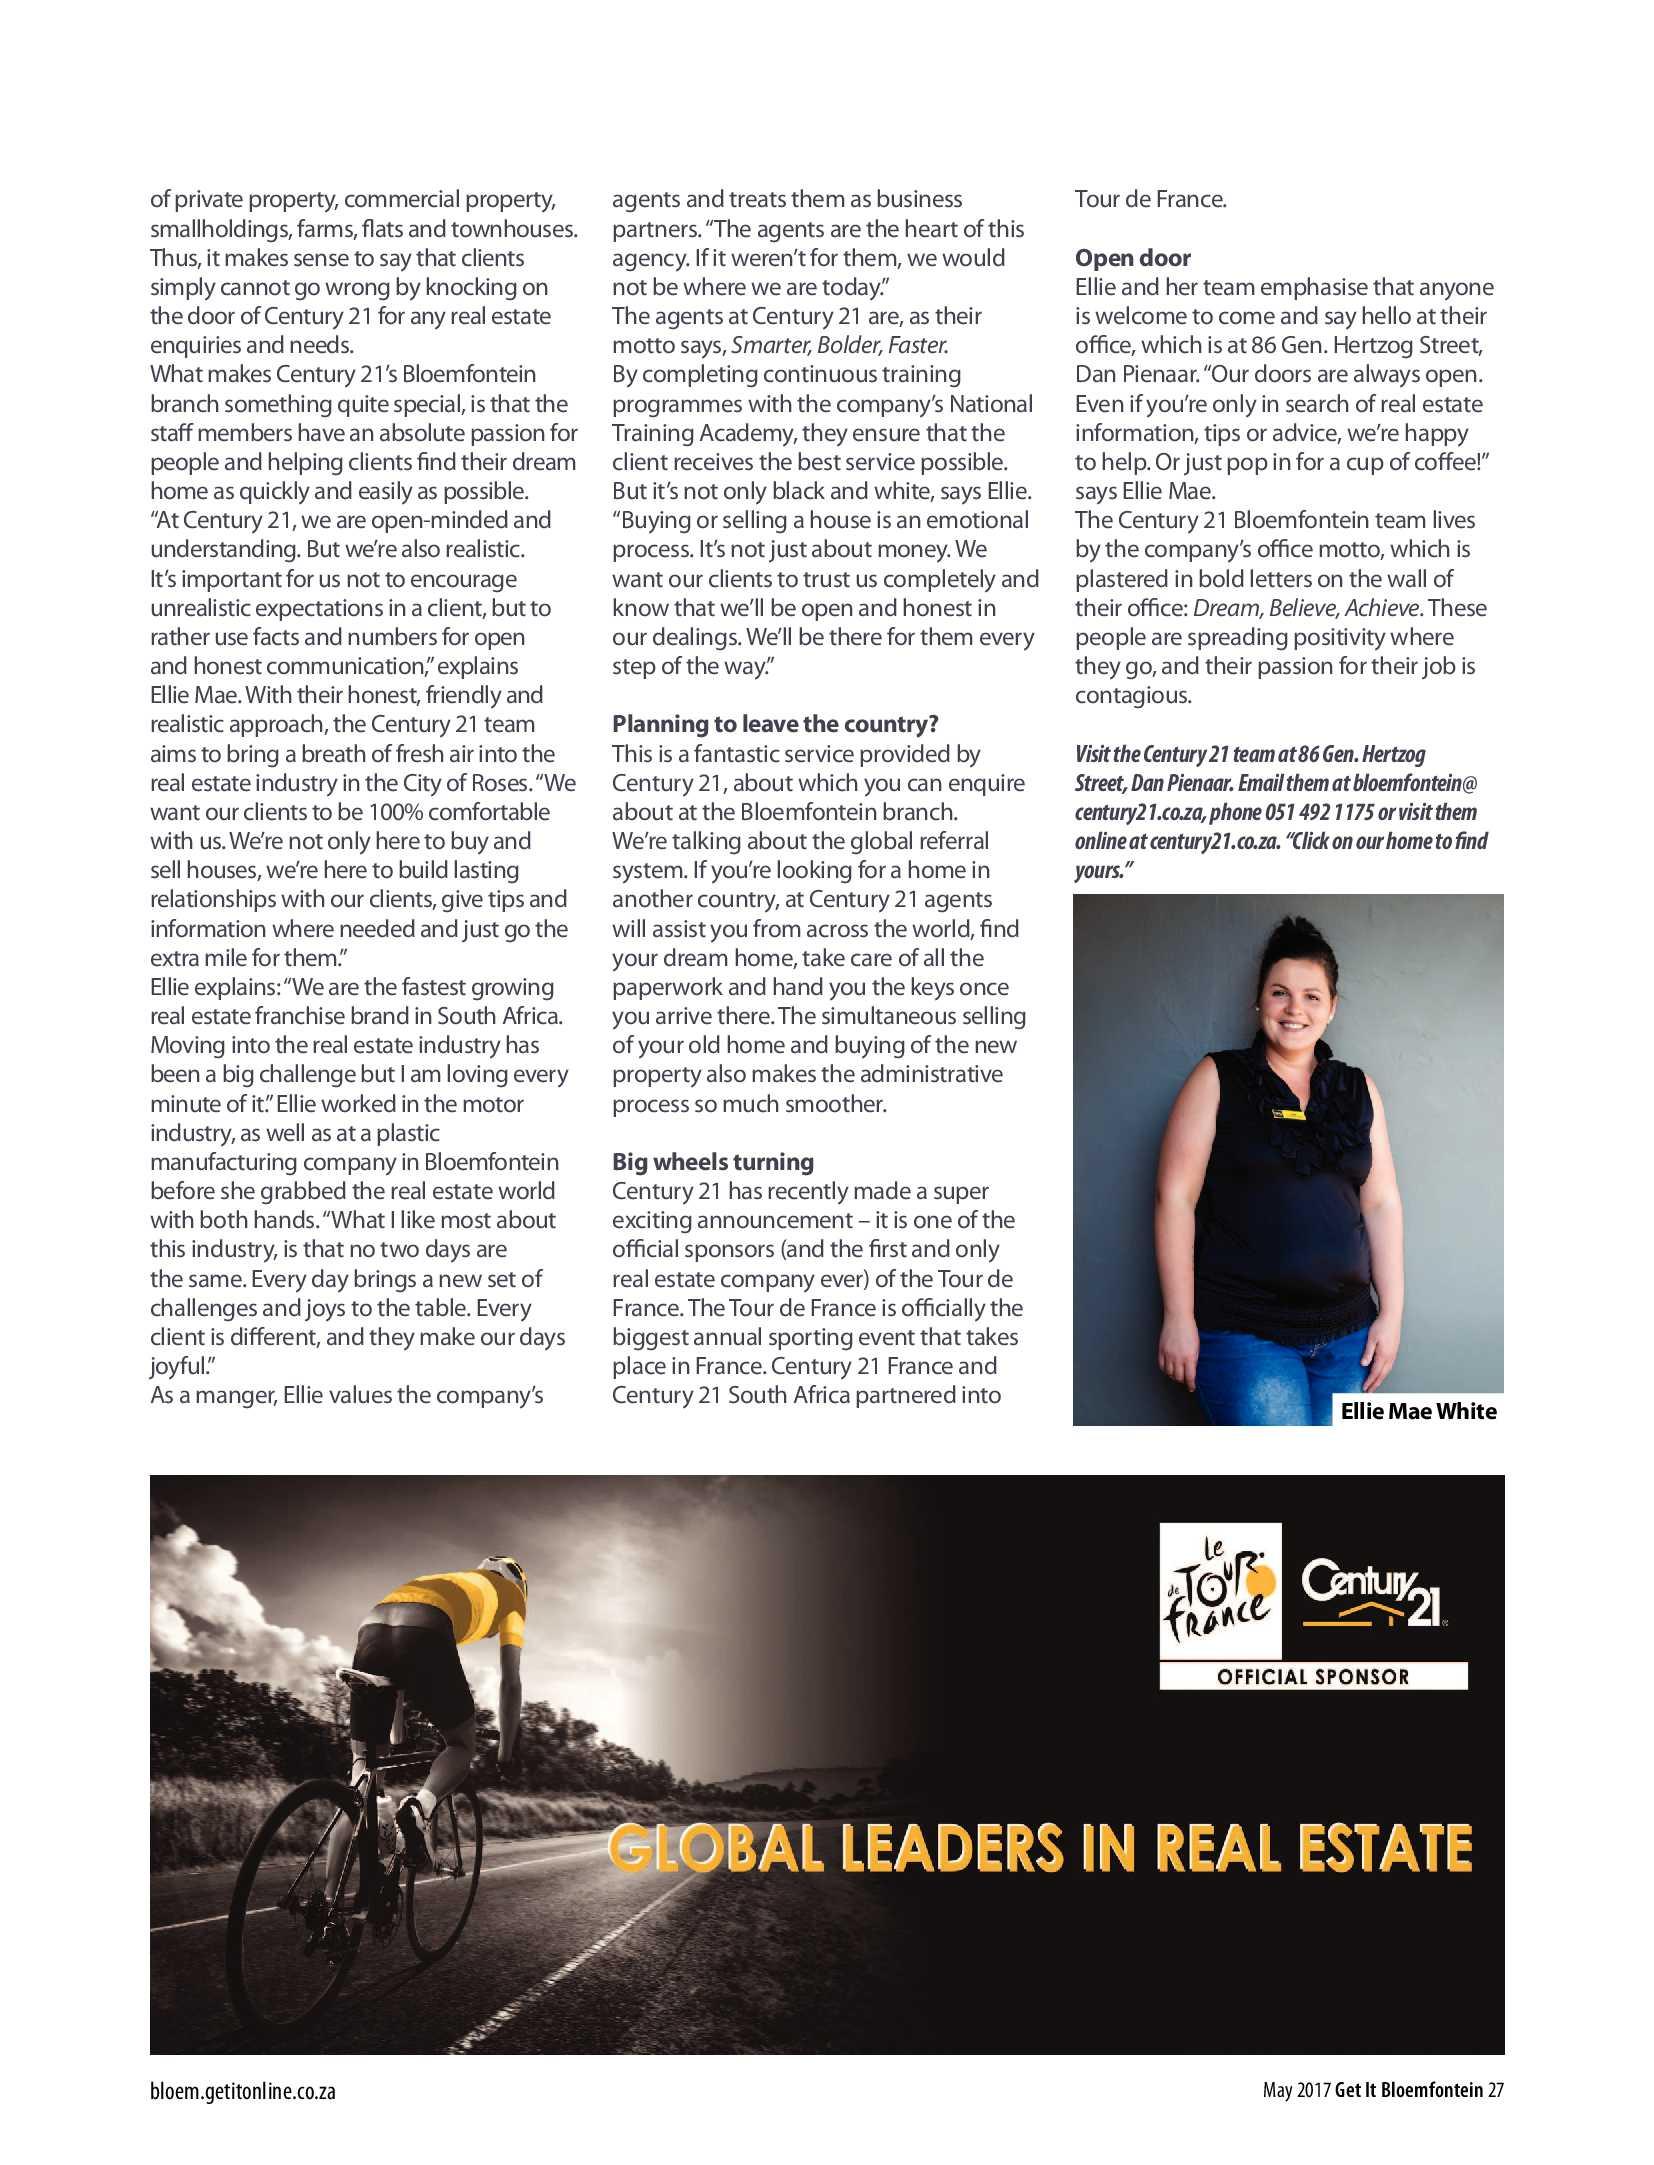 get-bloemfontein-may-2017-epapers-page-29